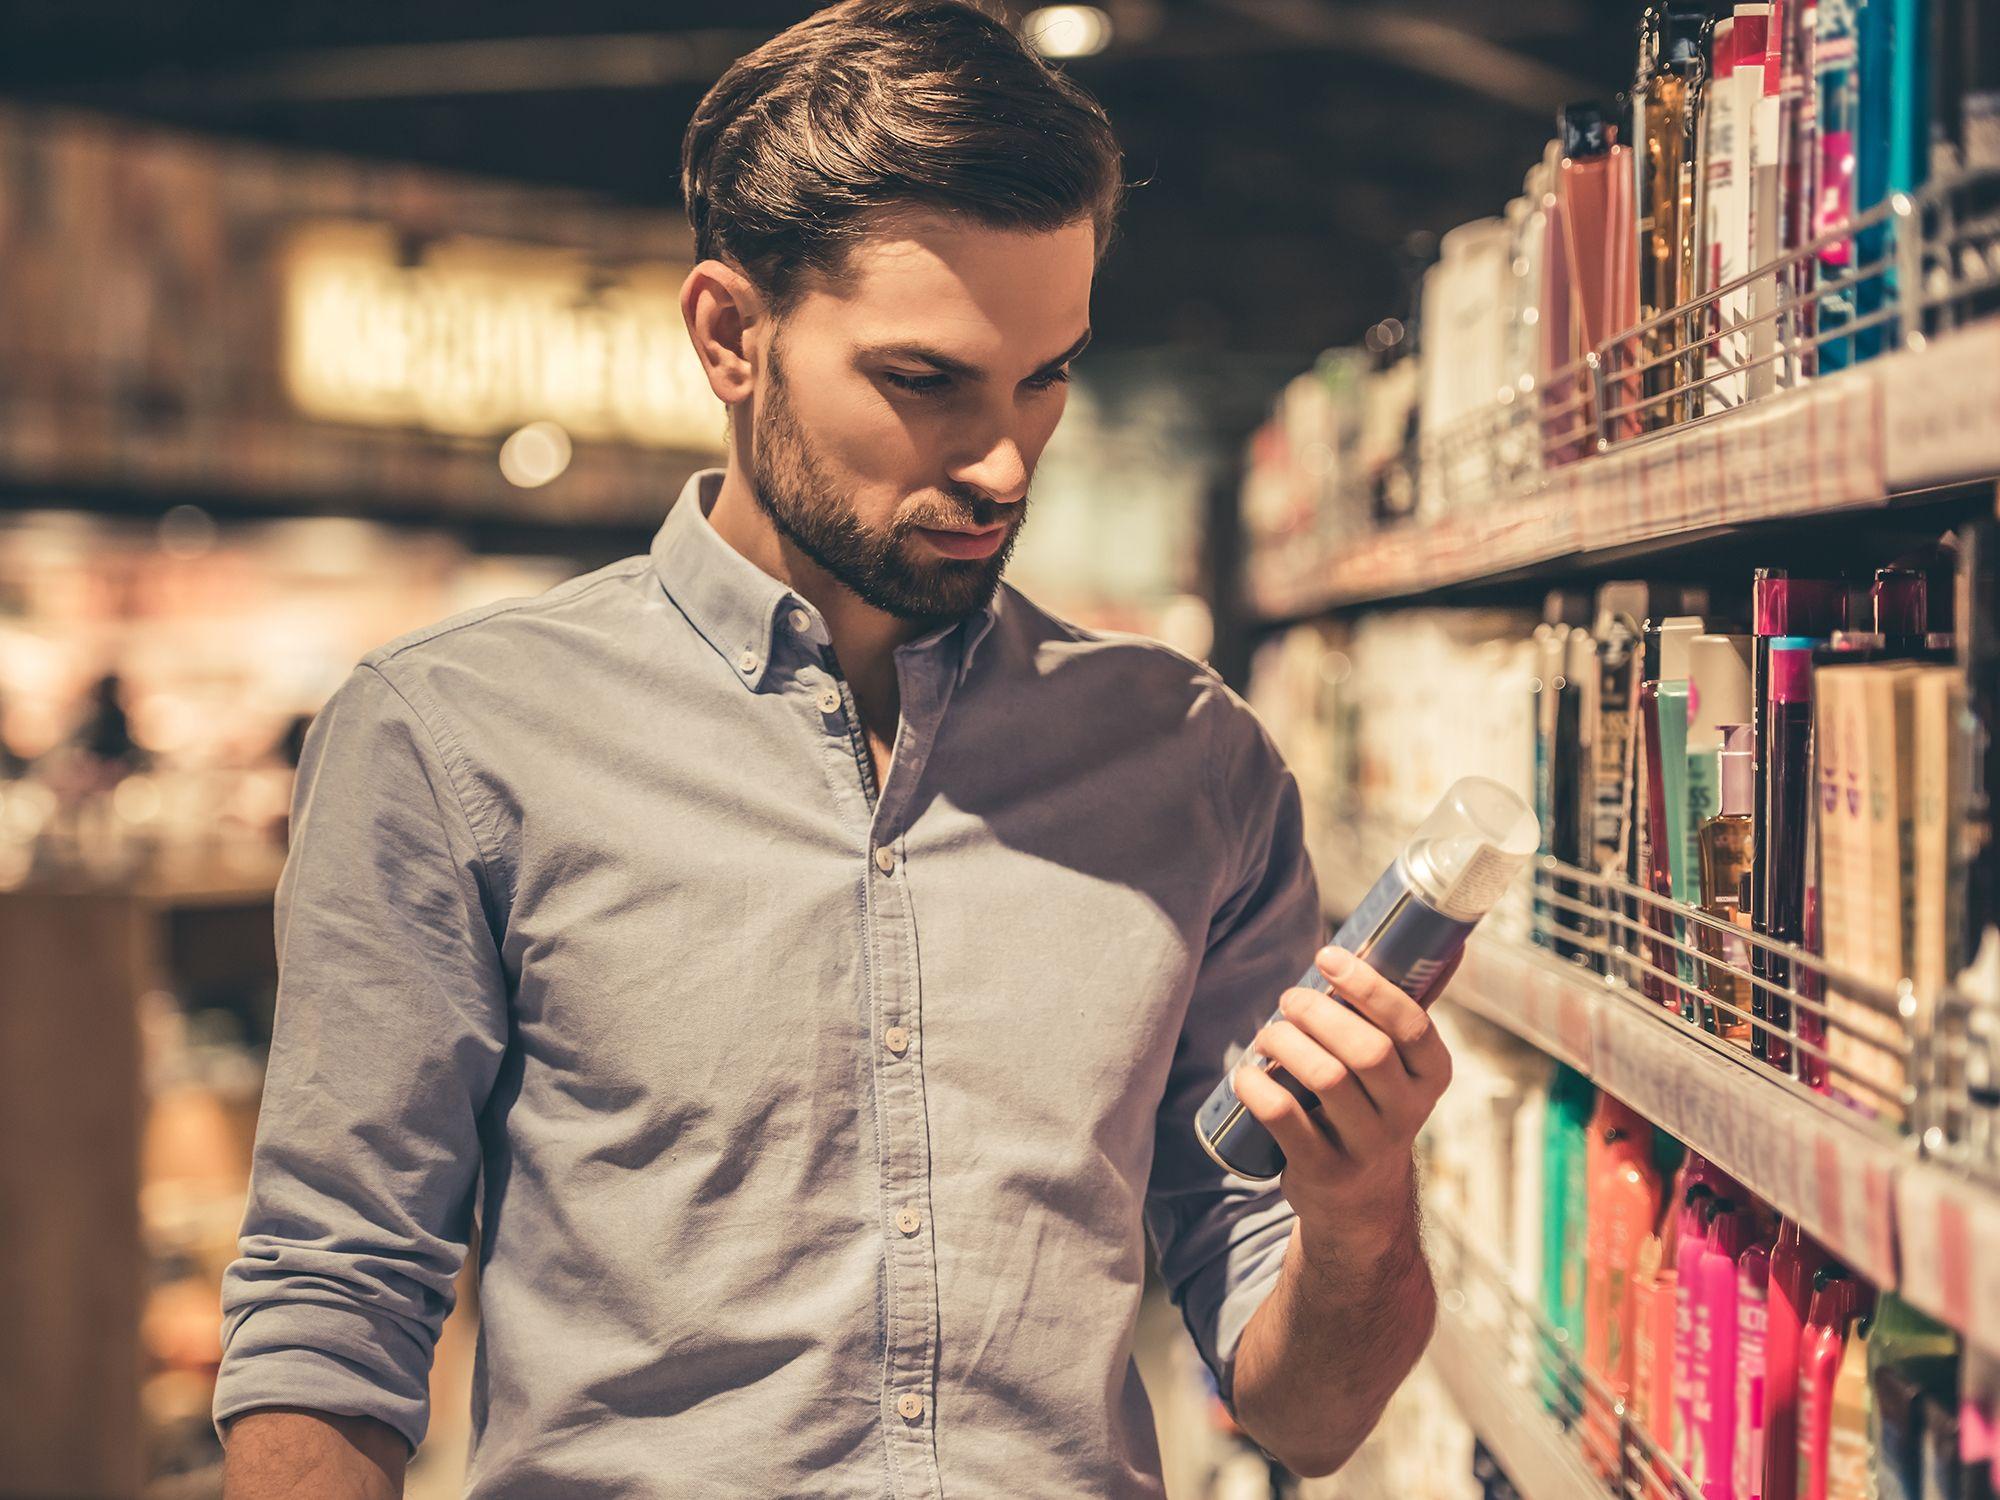 Level 6 - Mysteryshopper, Mistery Shopper, Mystery Shopper, Silent Shopper, Private Shopper, Ghost Shopper, Mysterie Shopper, Secret Shopper, Mystery Caller, Leiharbeiter, Zeitarbeiter, Leiharbeitnehmer, Leihkraft, Temporärarbeiter für den Einzelhandel, Mysteryshopping, Shopping Service, Mystery Check, Mystery Research, Ghost Shopping, Kundenservice, Außenhandel, Außendienst, Vertrieb, Direktvertrieb, Vertriebsberatung, Verkaufsinnendienst, Verkaufsabteilung und Großhandel bei uns als Personalagentur, Zeitarbeitsfirma, Zeitarbeitsunternehmen, Personal-Service-Agentur, Personaldienstleistungsagentur und Leiharbeitsfirma per Arbeitnehmer-Leasing, Arbeitnehmerüberlassung, Arbeitskräfte-Leasing, Arbeitskräfteüberlassung, Arbeitskraftüberlassung, Leiharbeit, Mitarbeiter-Leasing, Mitarbeiterleasing, Mitarbeiterüberlassung, Personaldienstleistung, Personalleasing, Personalüberlassung, Temporärarbeit, Zeitarbeit buchen, mieten, leihen oder langfristig neue Mitarbeiter für Jobs wie Schülerjobs, Ferienjobs, Aushilfsjobs, Studentenjobs, Werkstudentenjobs, Saisonjobs, Vollzeit Jobs, Teilzeit Jobs, Nebenjobs, Temporär Jobs, Gelegenheitsjobs per Personalvermittlung suchen, finden und vermittelt bekommen.